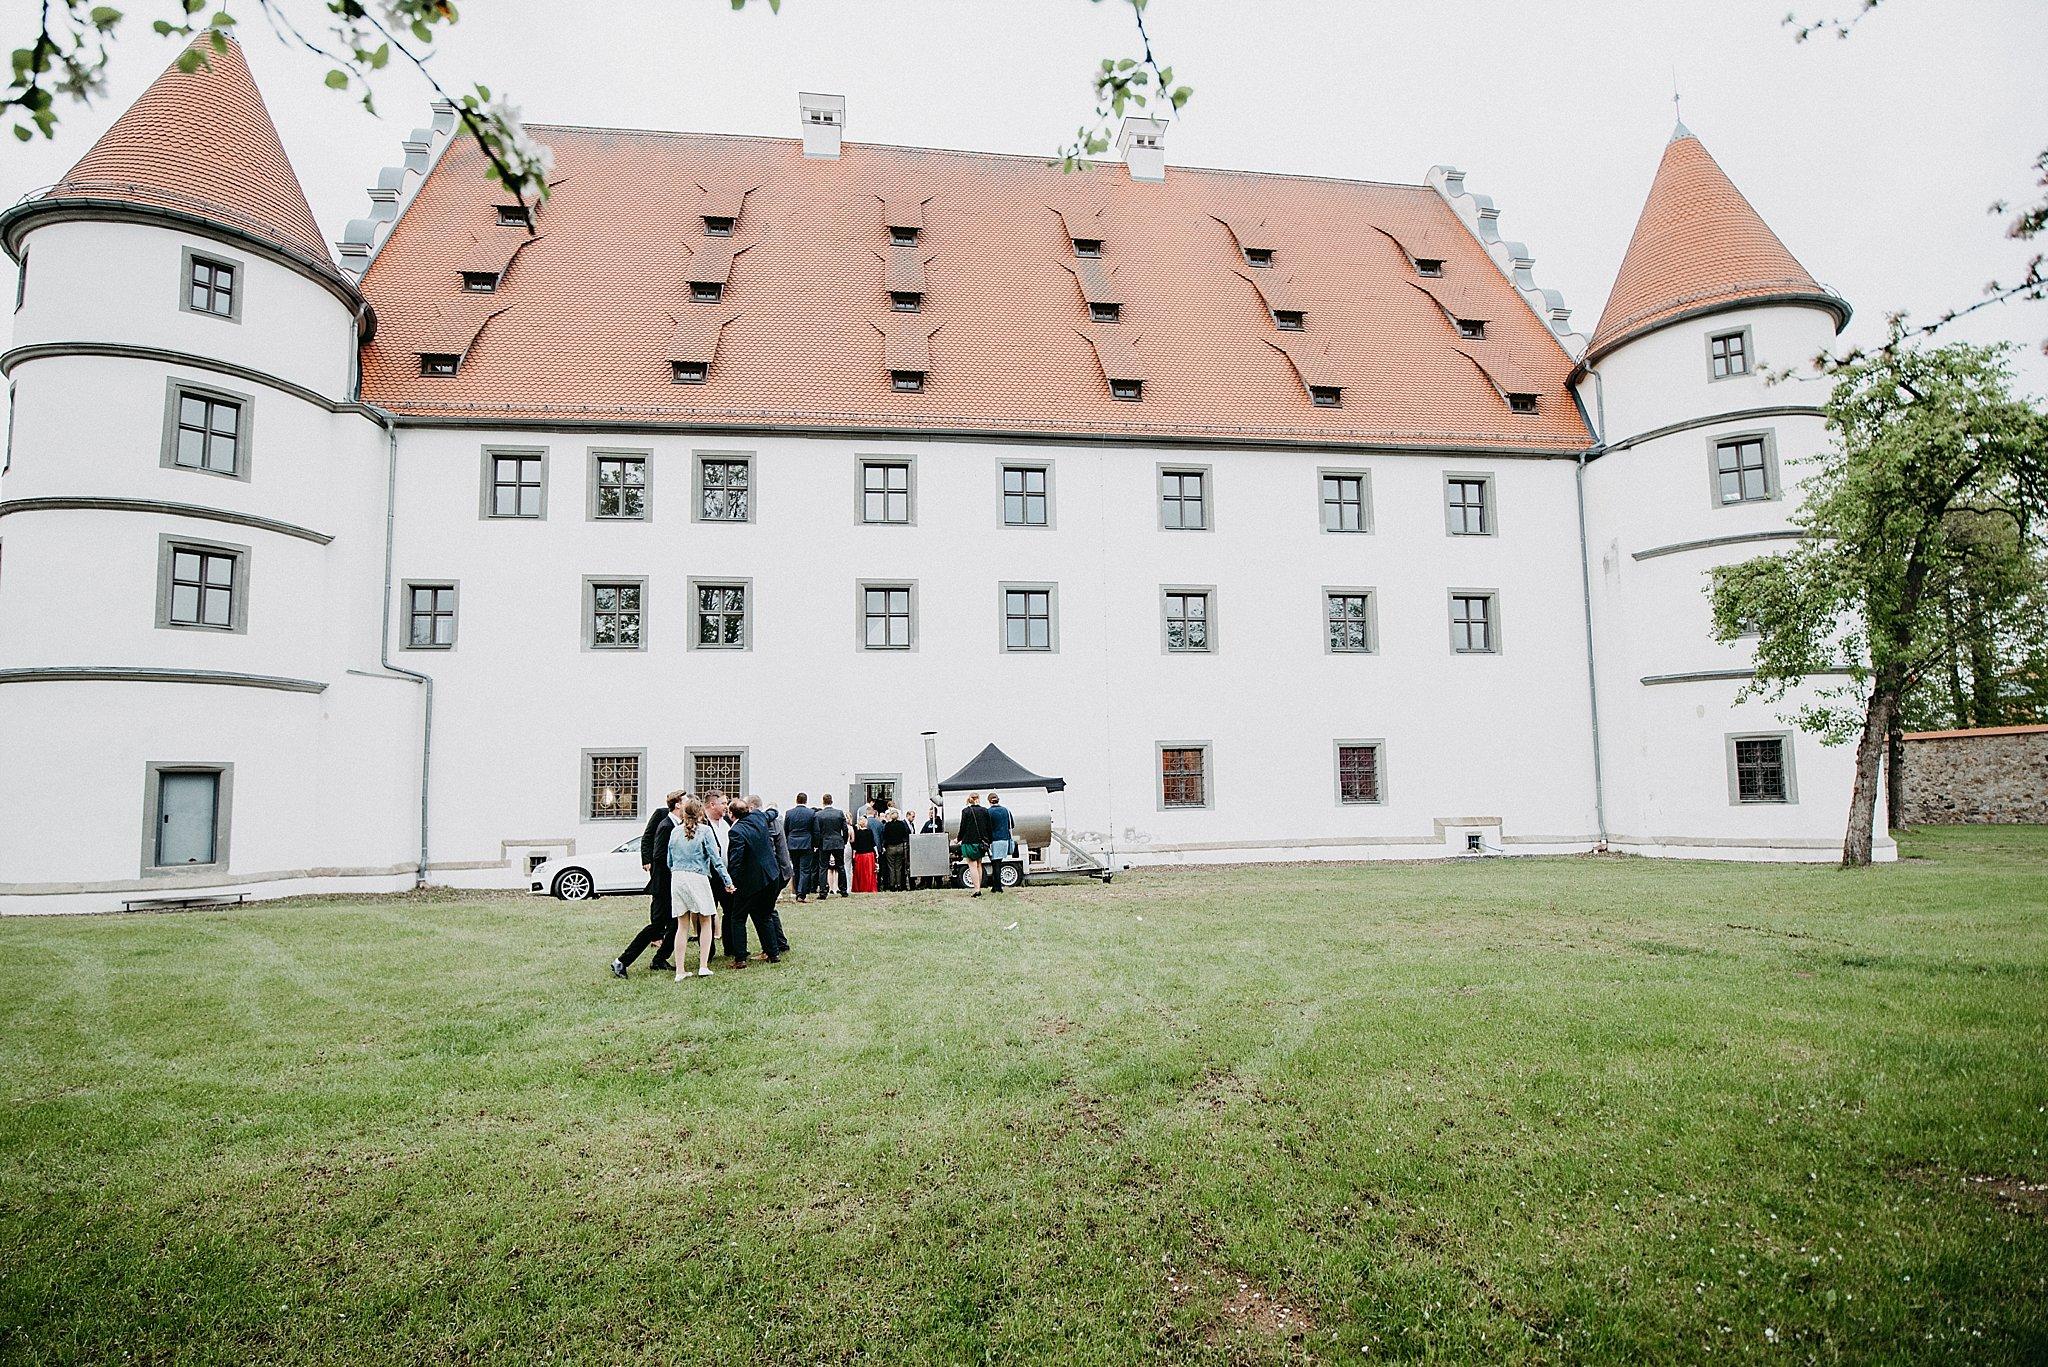 Hochzeit-von-Marina-Dominik-auf-Burg-Wernberg-und-Schloss-Friedrichsburg-00055